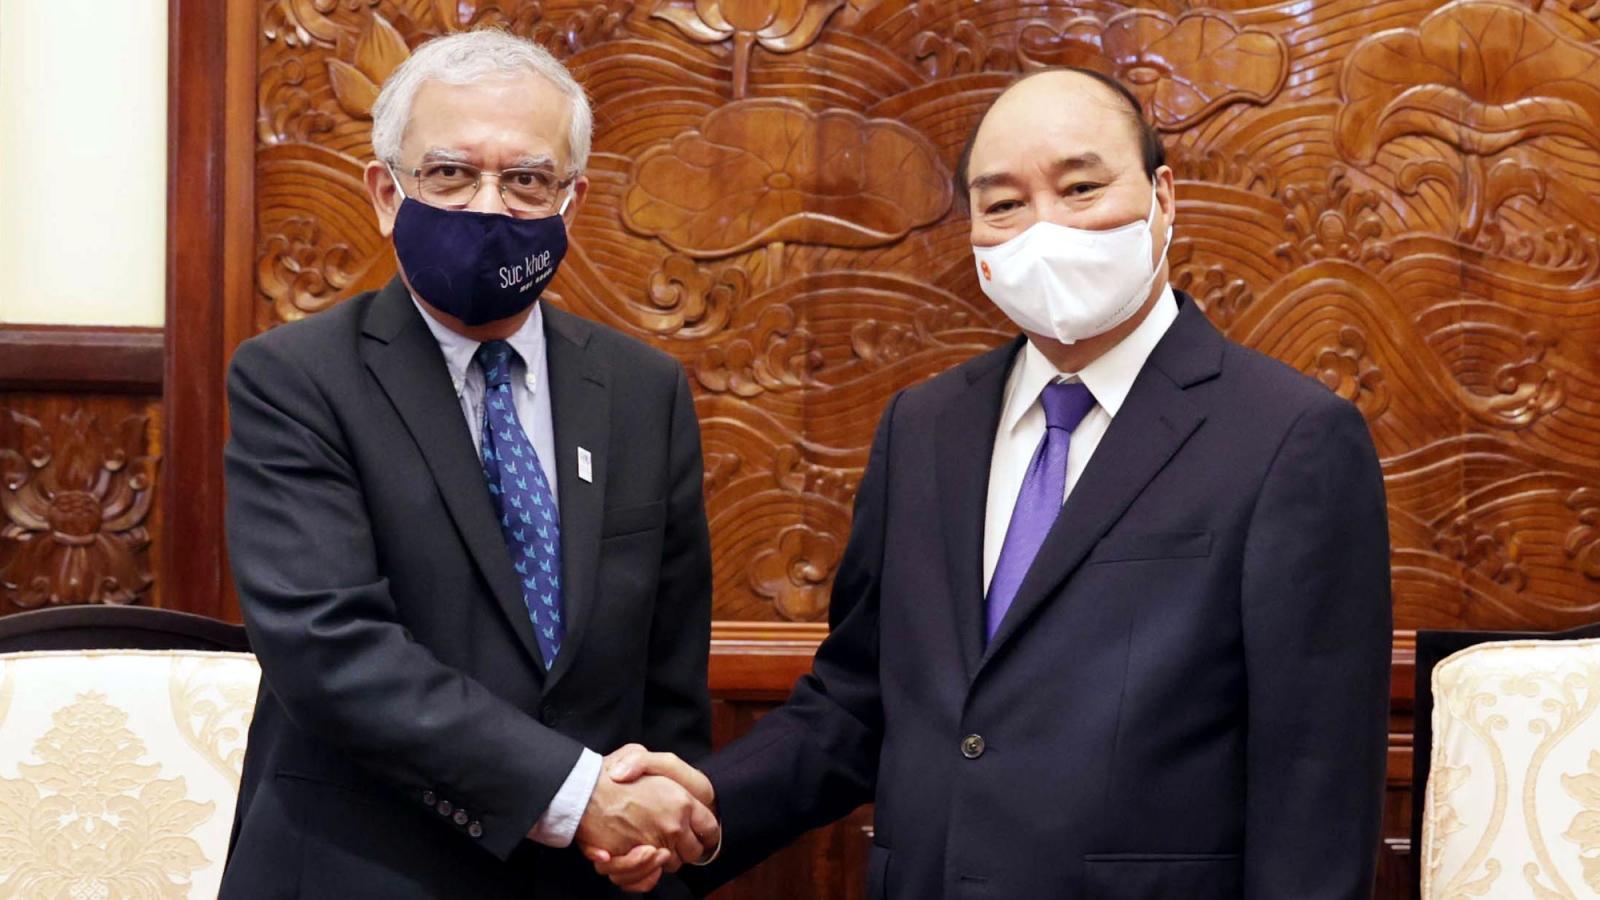 Chủ tịch nước Nguyễn Xuân Phúc tiếp Điều phối viên Liên Hợp Quốc